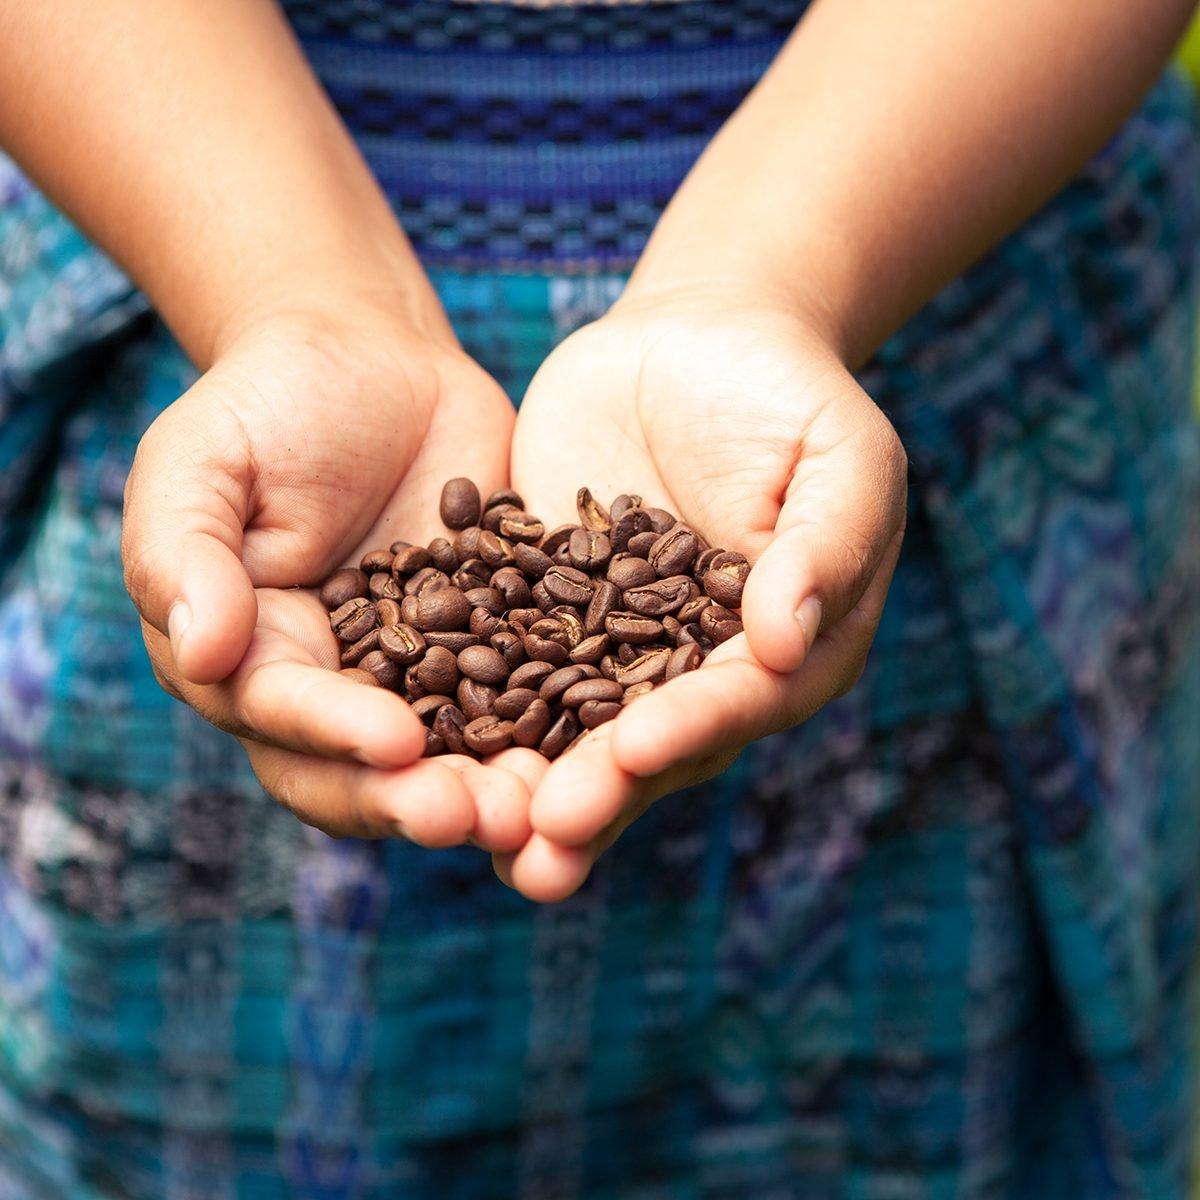 Handful of fresh organic coffee beans.